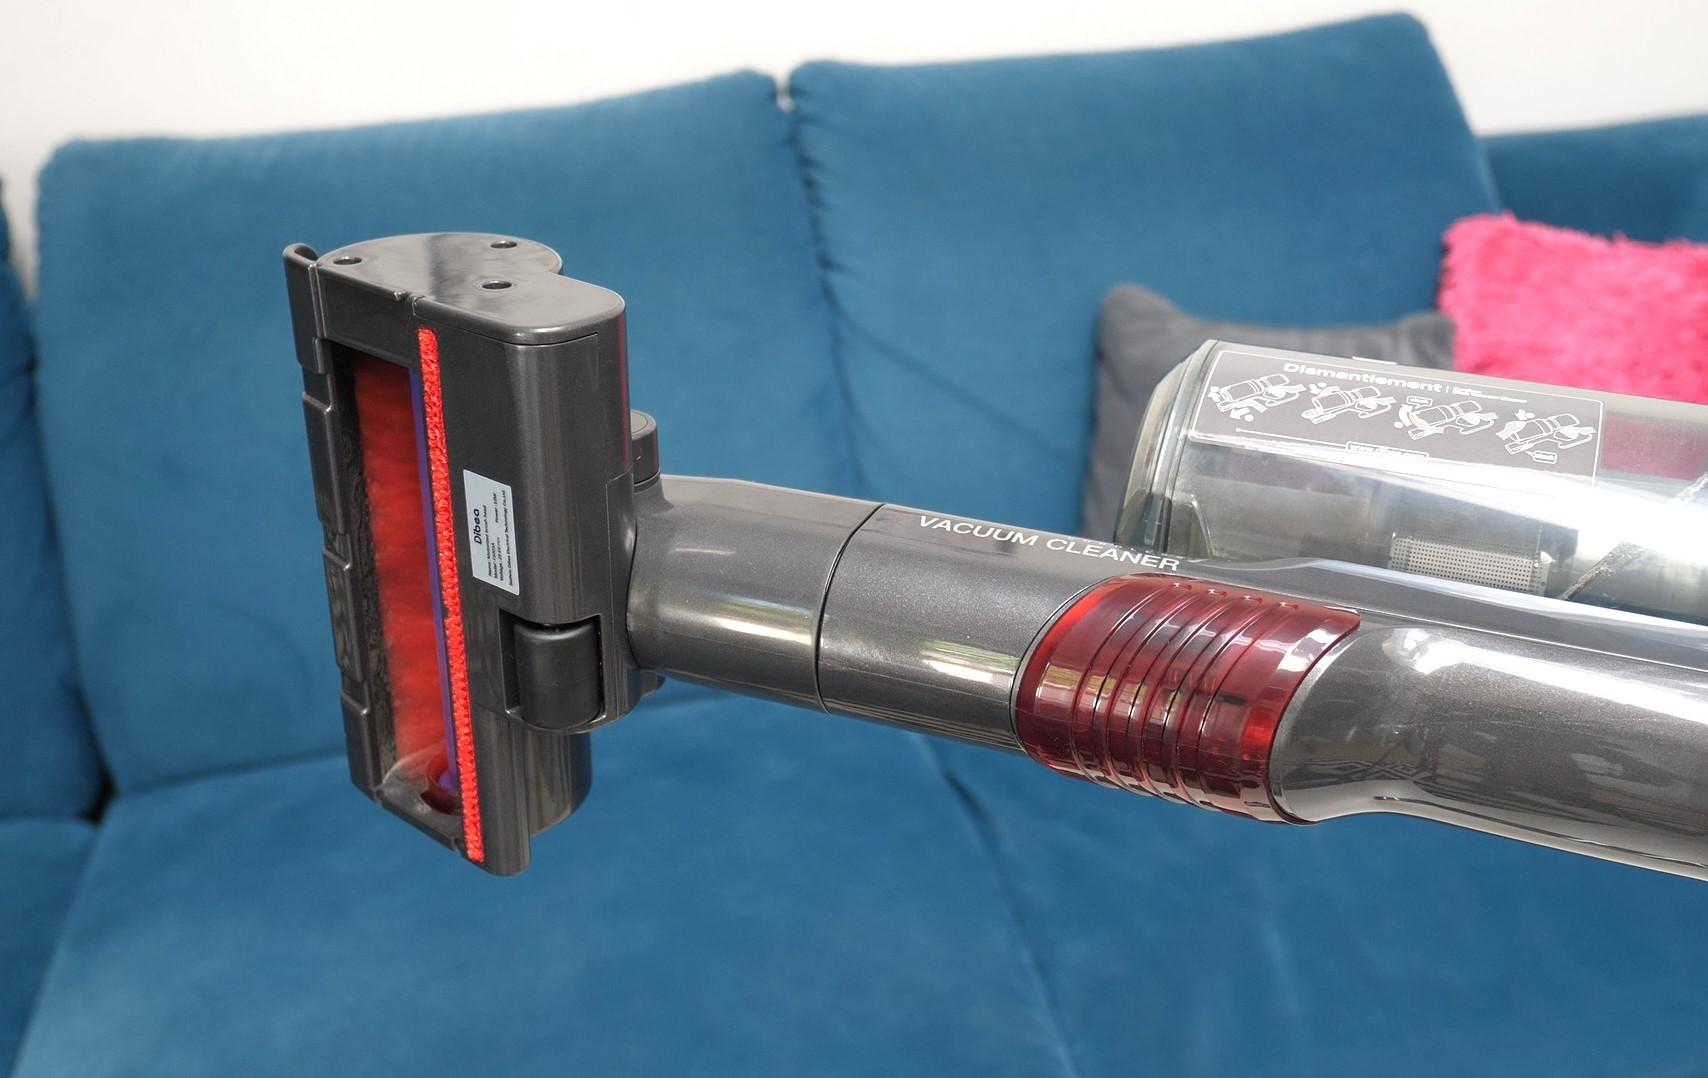 DIBEA F20 Max - recenzja bezprzewodowego odkurzacza o wielkiej mocy - mała turboszczotka